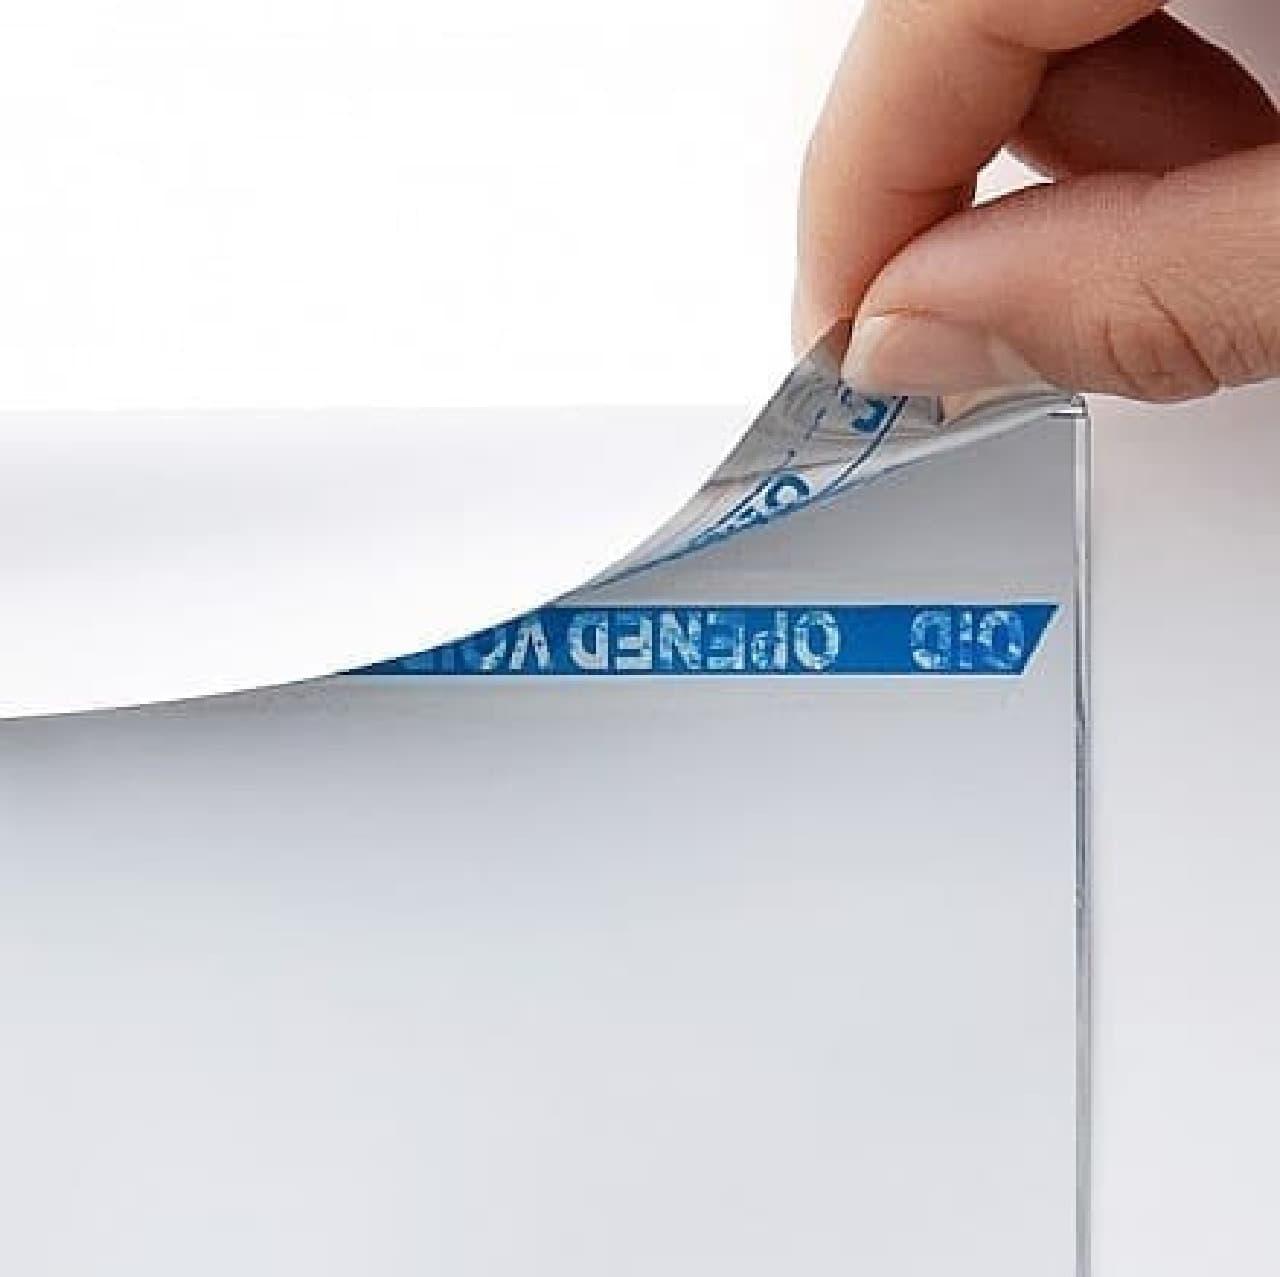 セキュリティ―封筒「200-SL040」